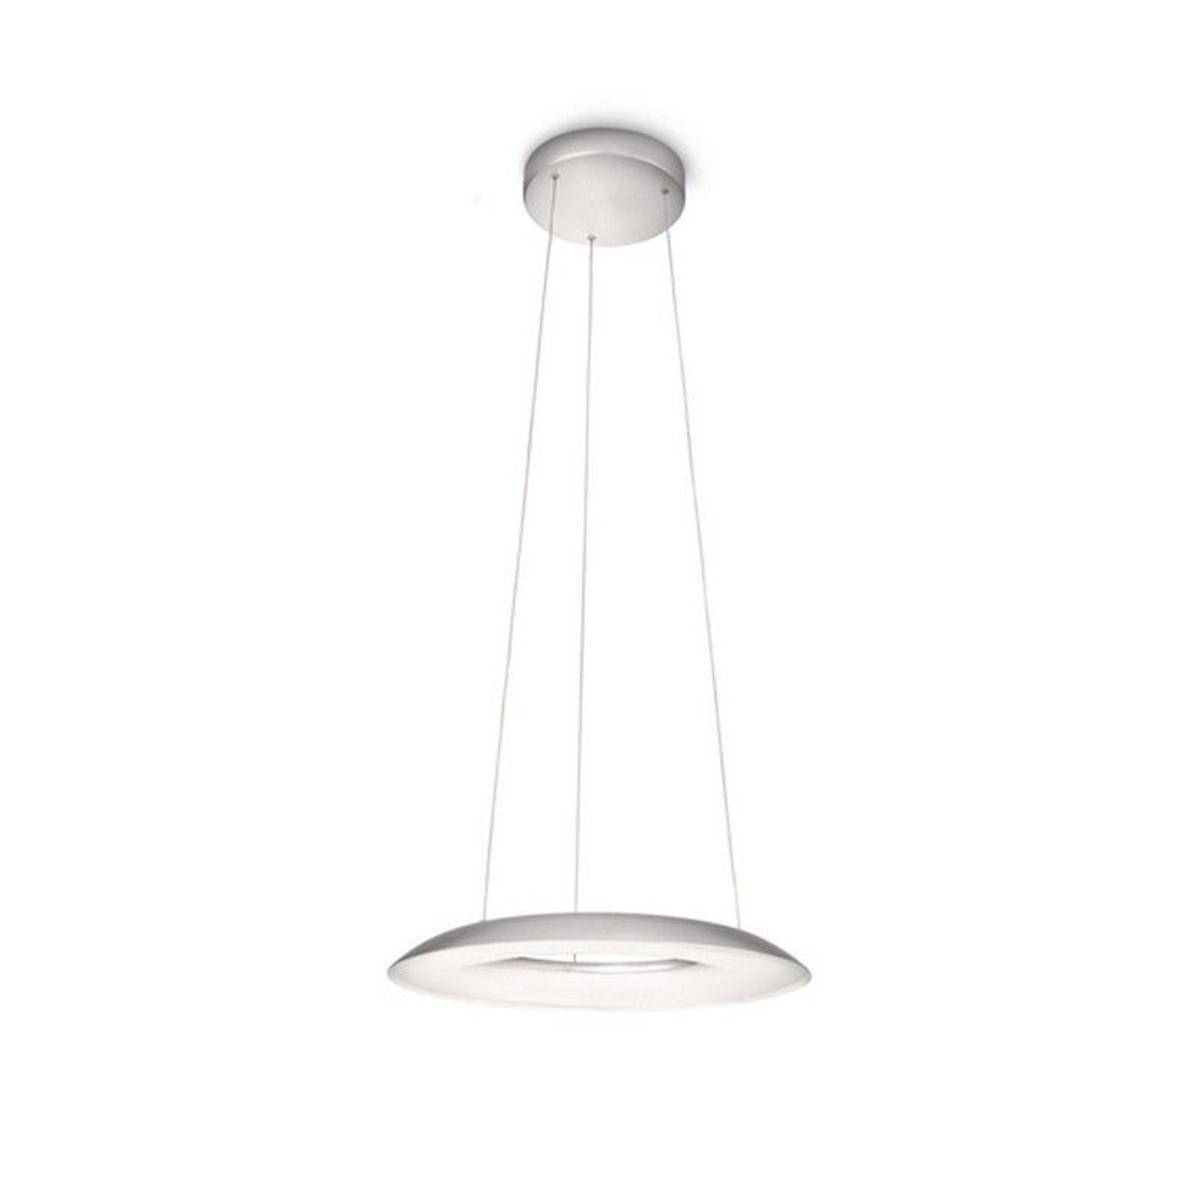 Lampe LED suspendue Ayr D40 cm